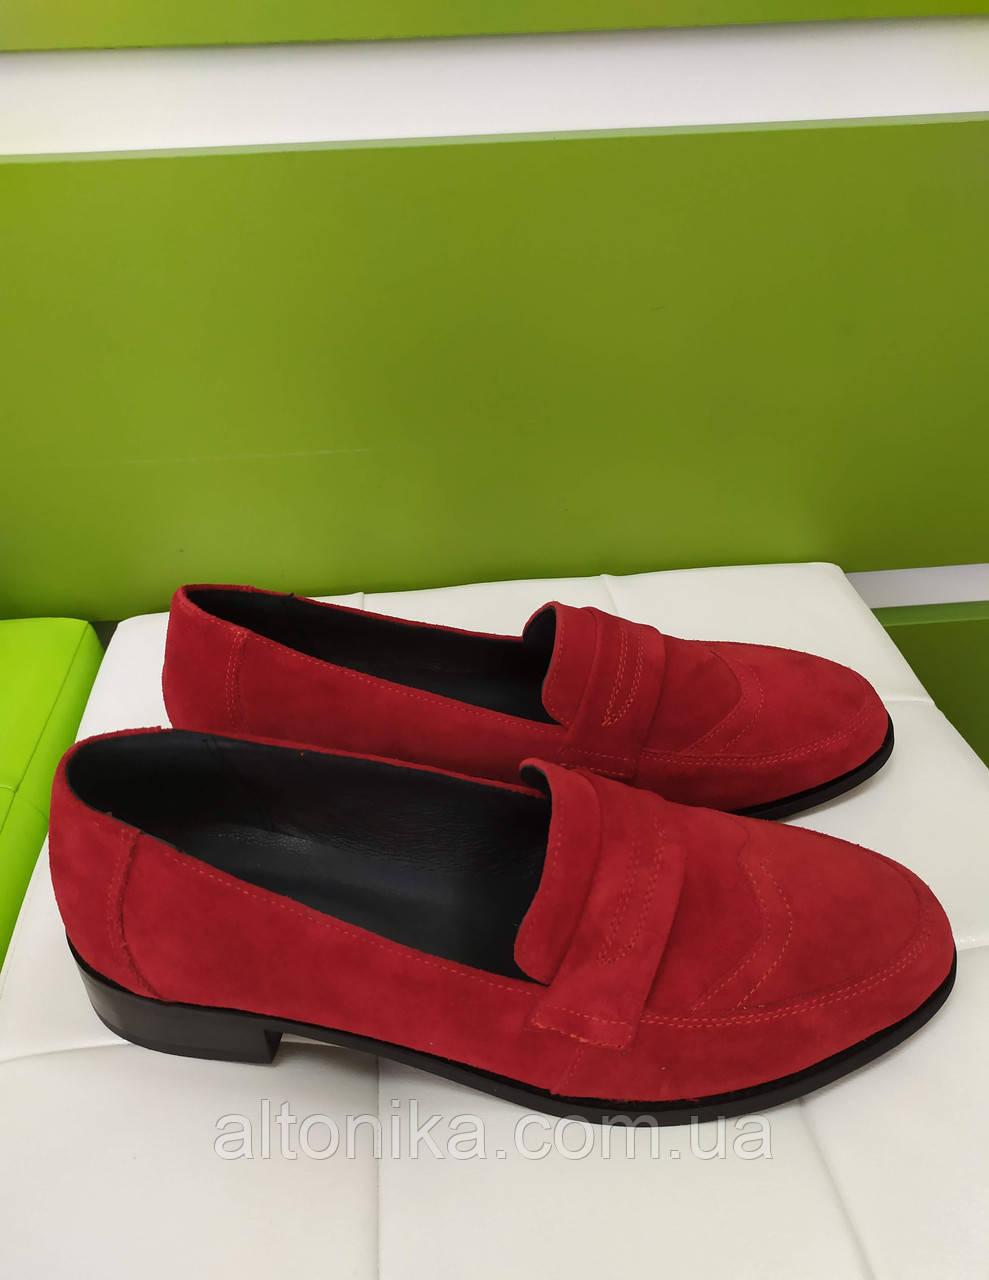 STTOPA 42р-28 см. Размеры 42-44! Туфли лоферы больших размеров кожаные. Красные. С6-14-4244-3